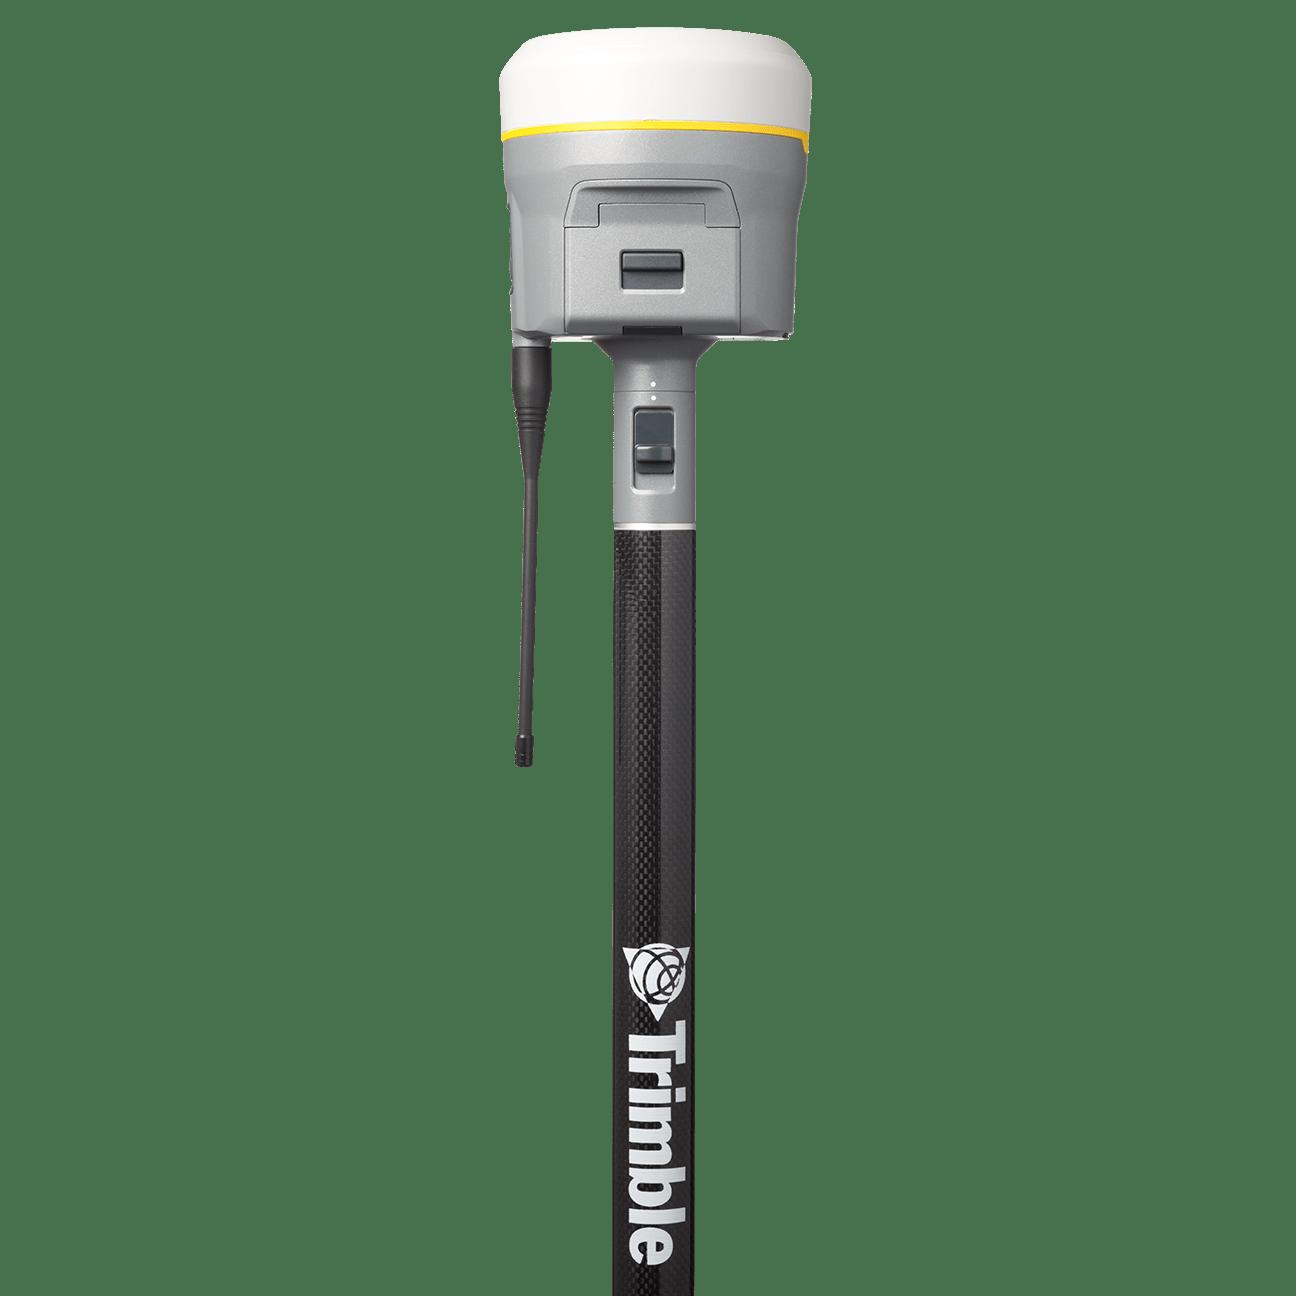 Trimble R10 GNSS System | | Seiler-Geospatial Division